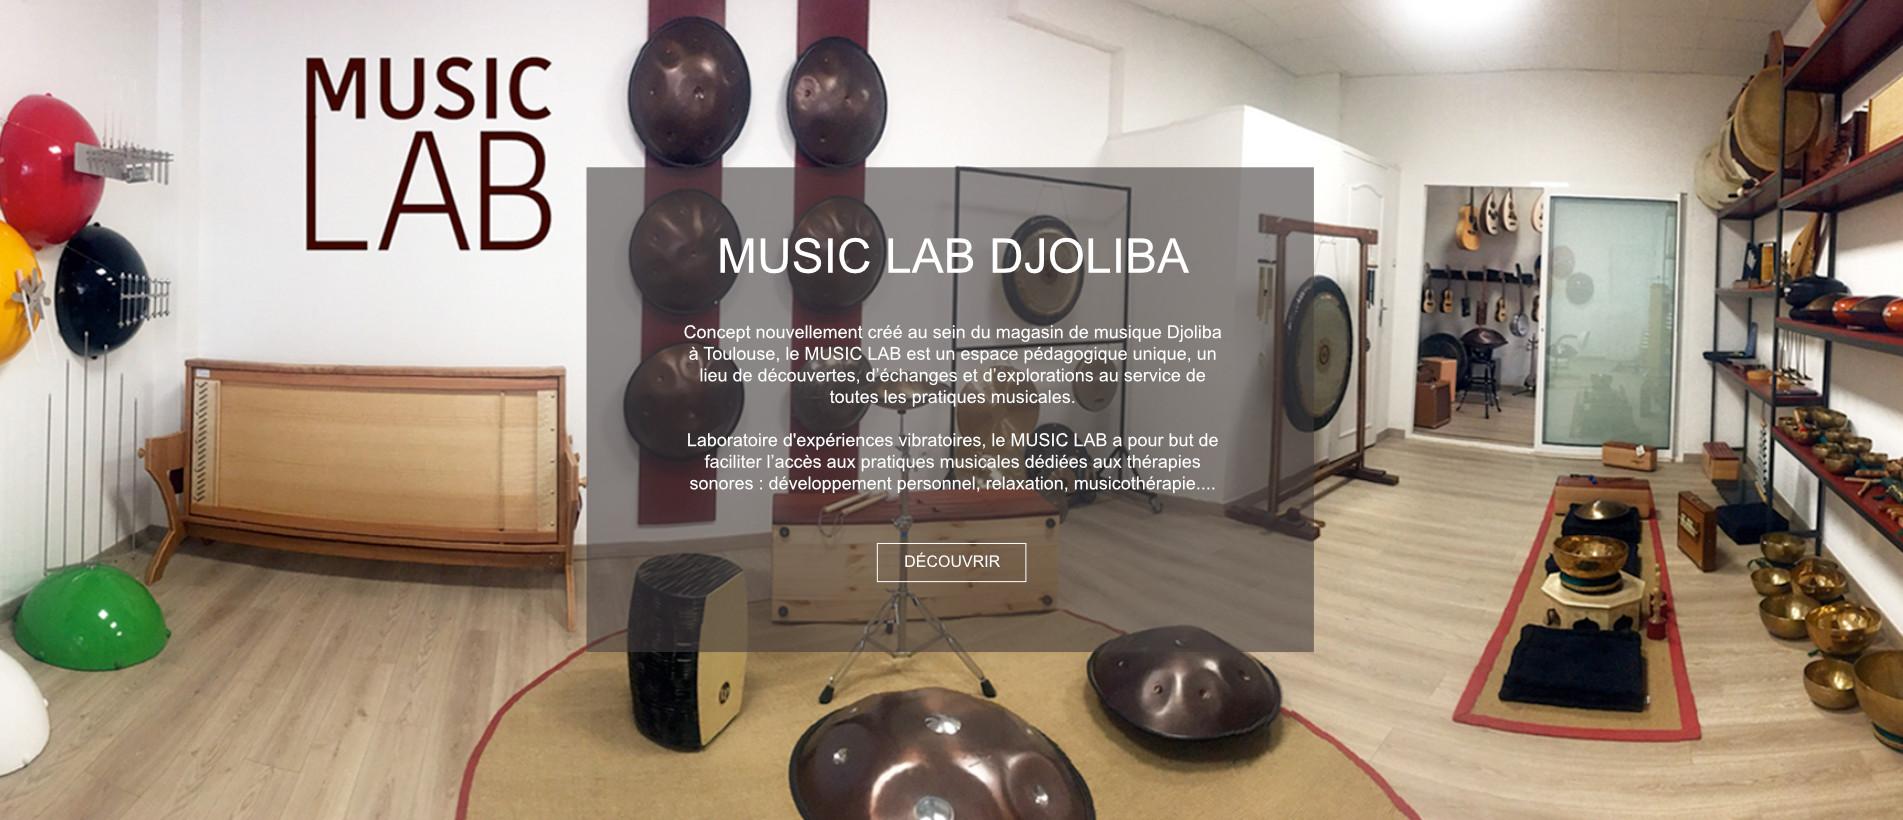 Le Music Lab